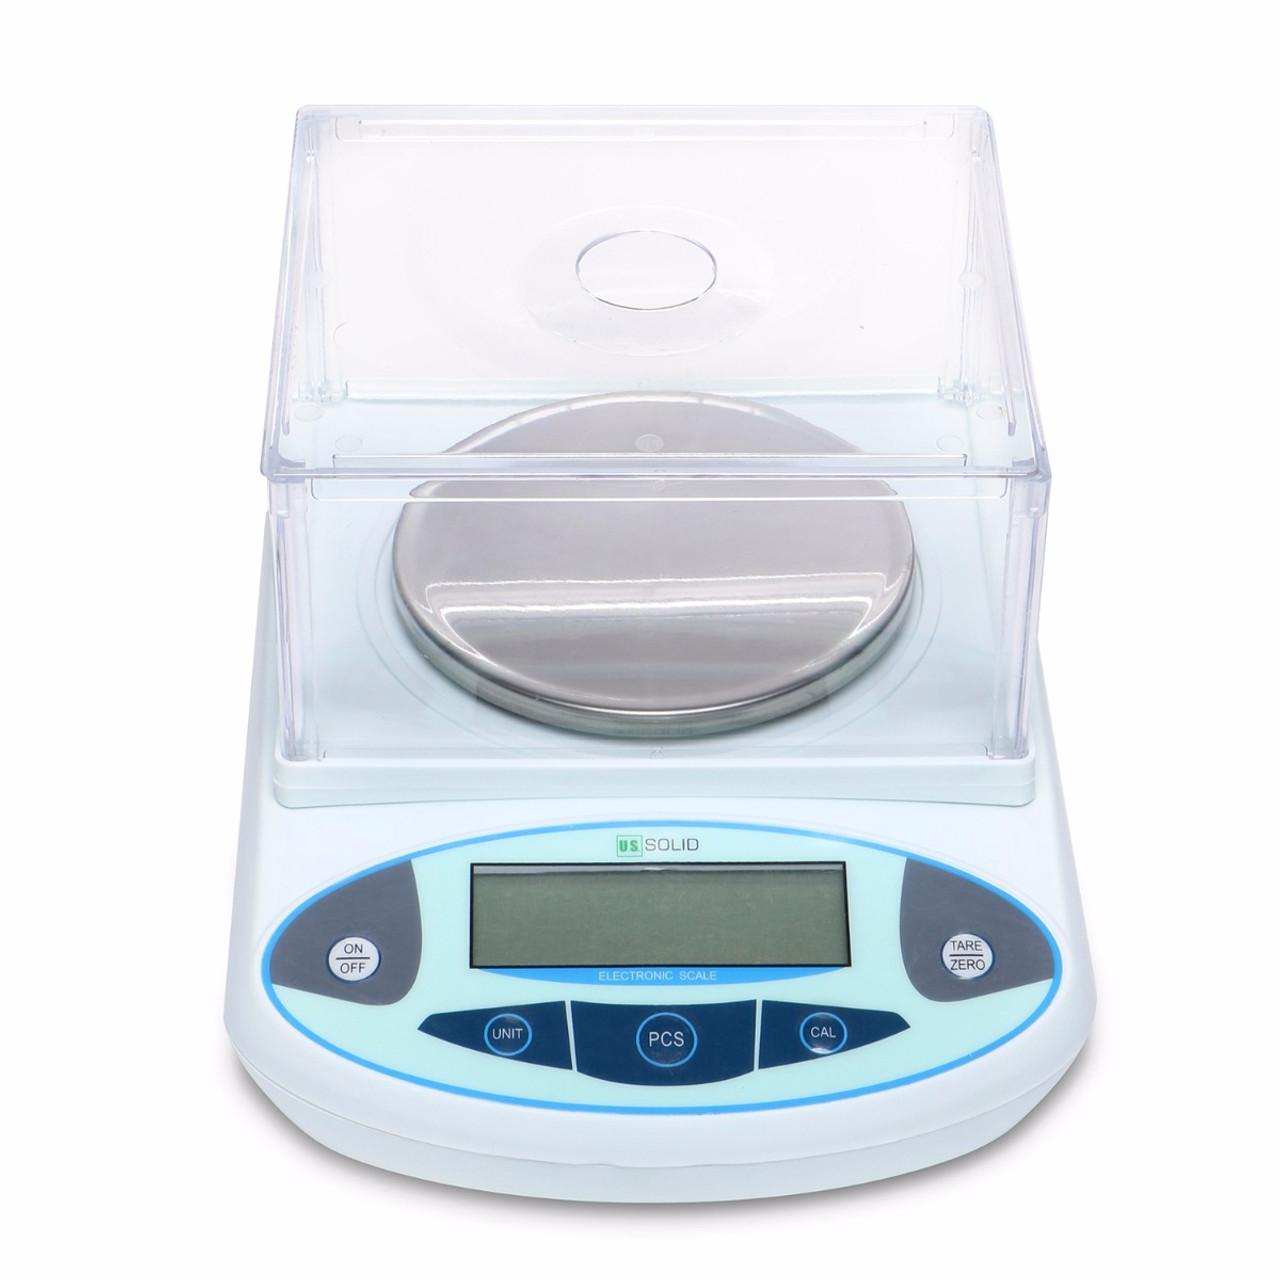 U.S. Solid 300g x 0.01 g Lab Scale, 0.01 g Digital Analytical Balance